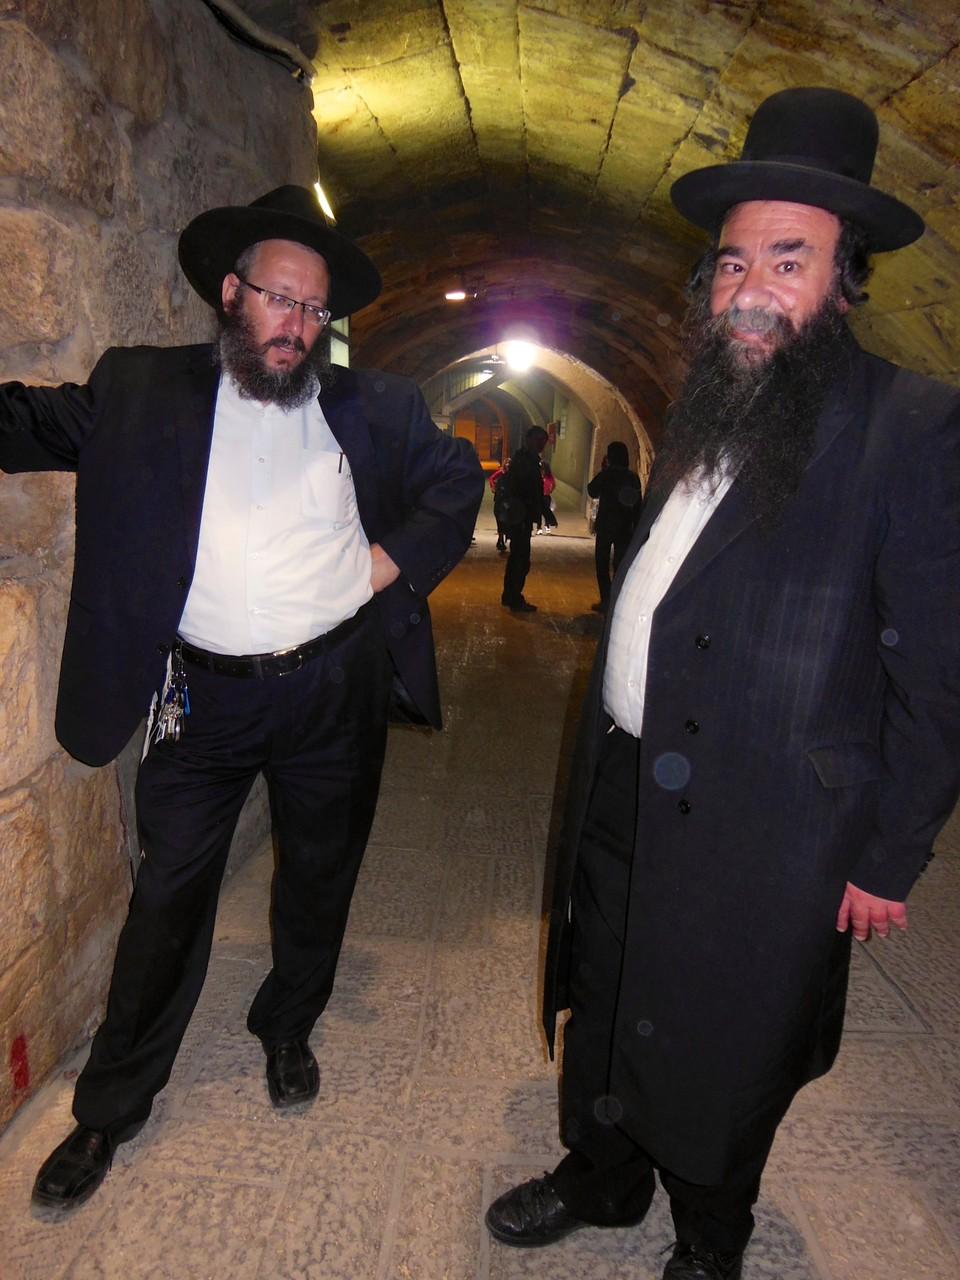 ユダヤ教徒は写真撮りにくかった〜〜がんばった〜